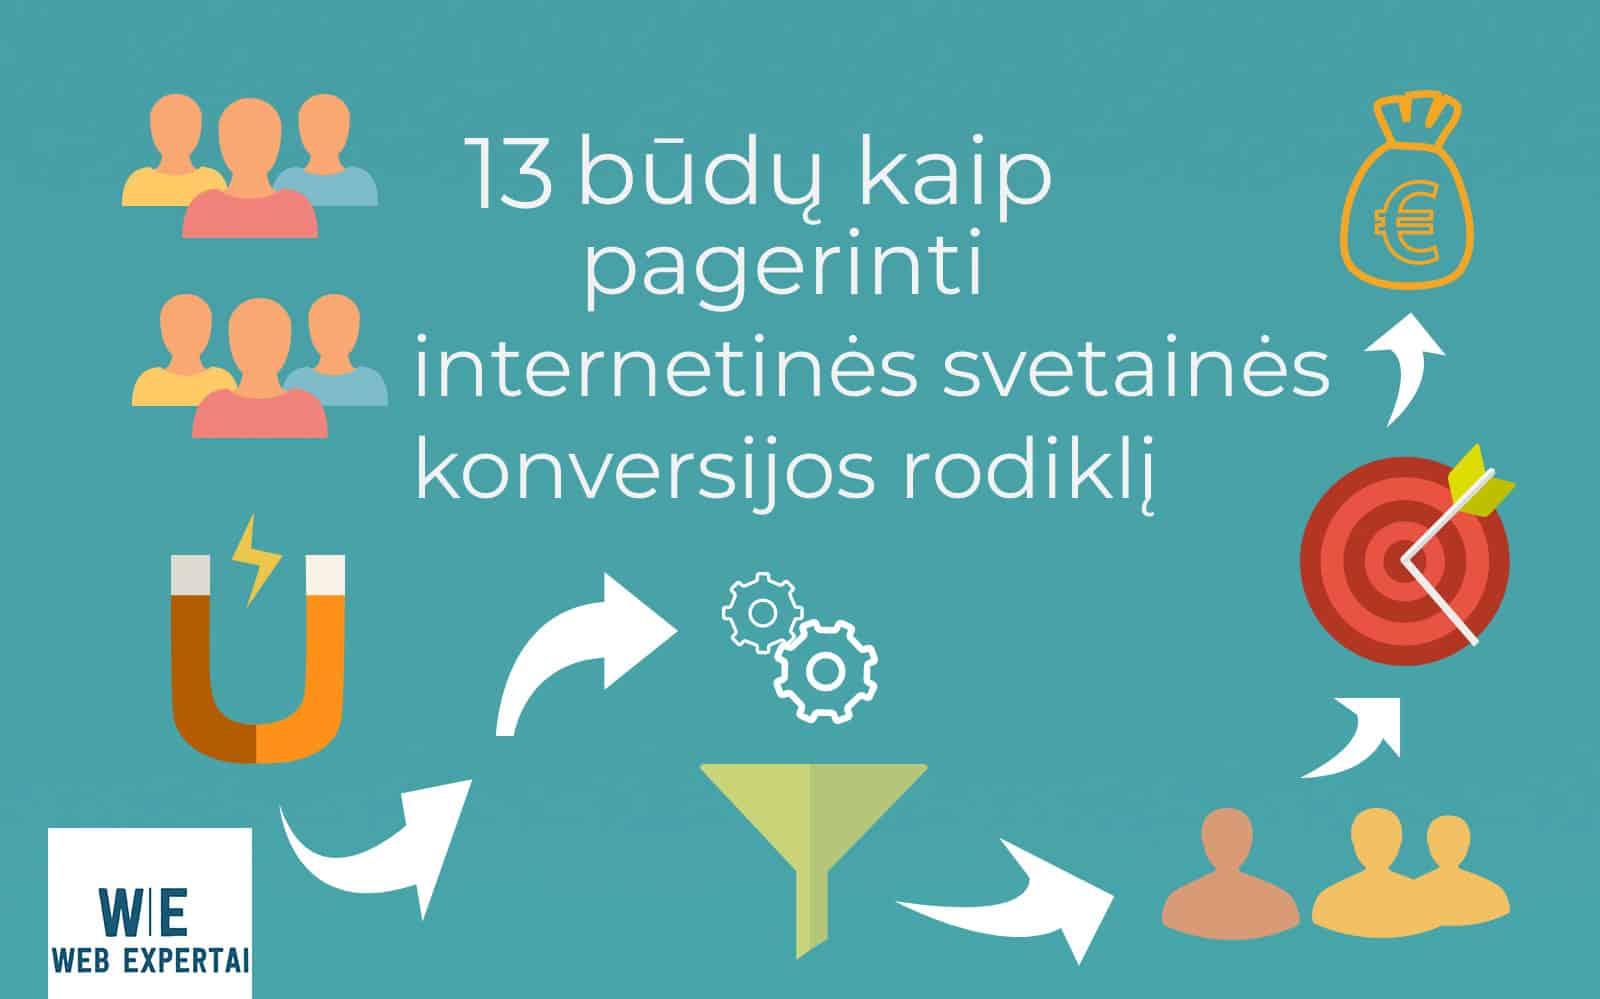 13 būdų kaip pagerinti internetinės svetainės konversijos rodiklį 2/2